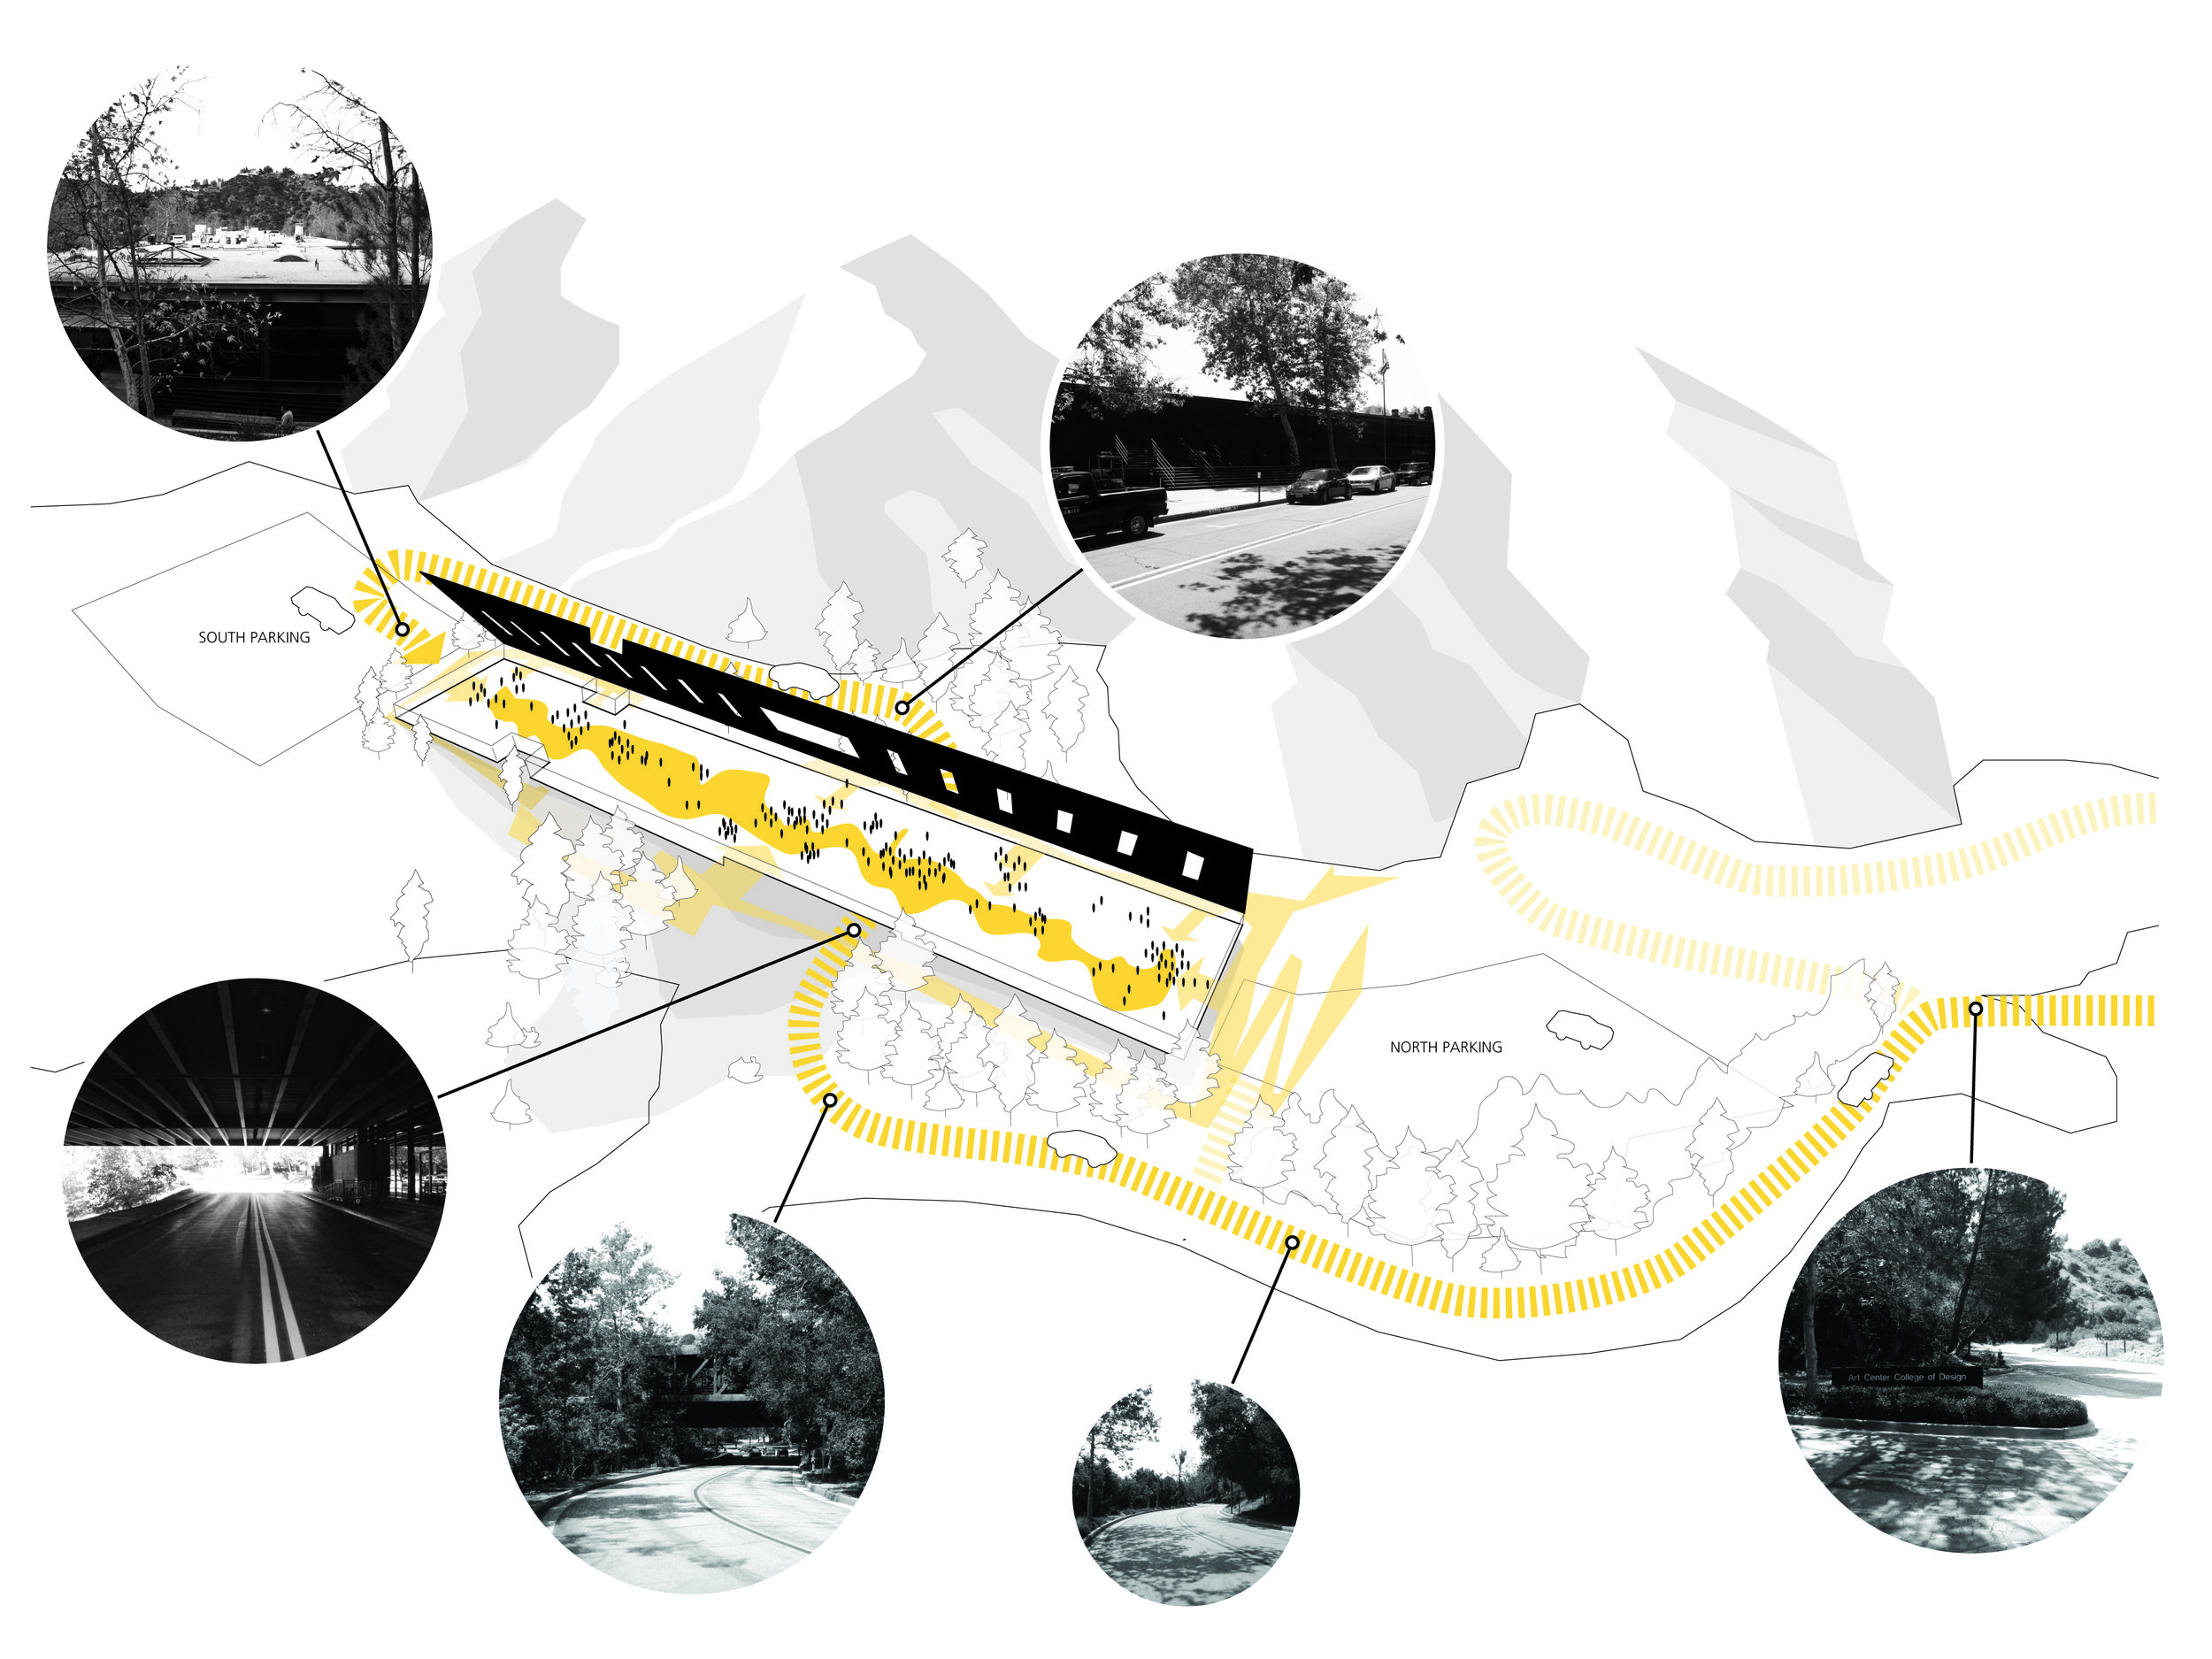 exterior procession diagram.jpg